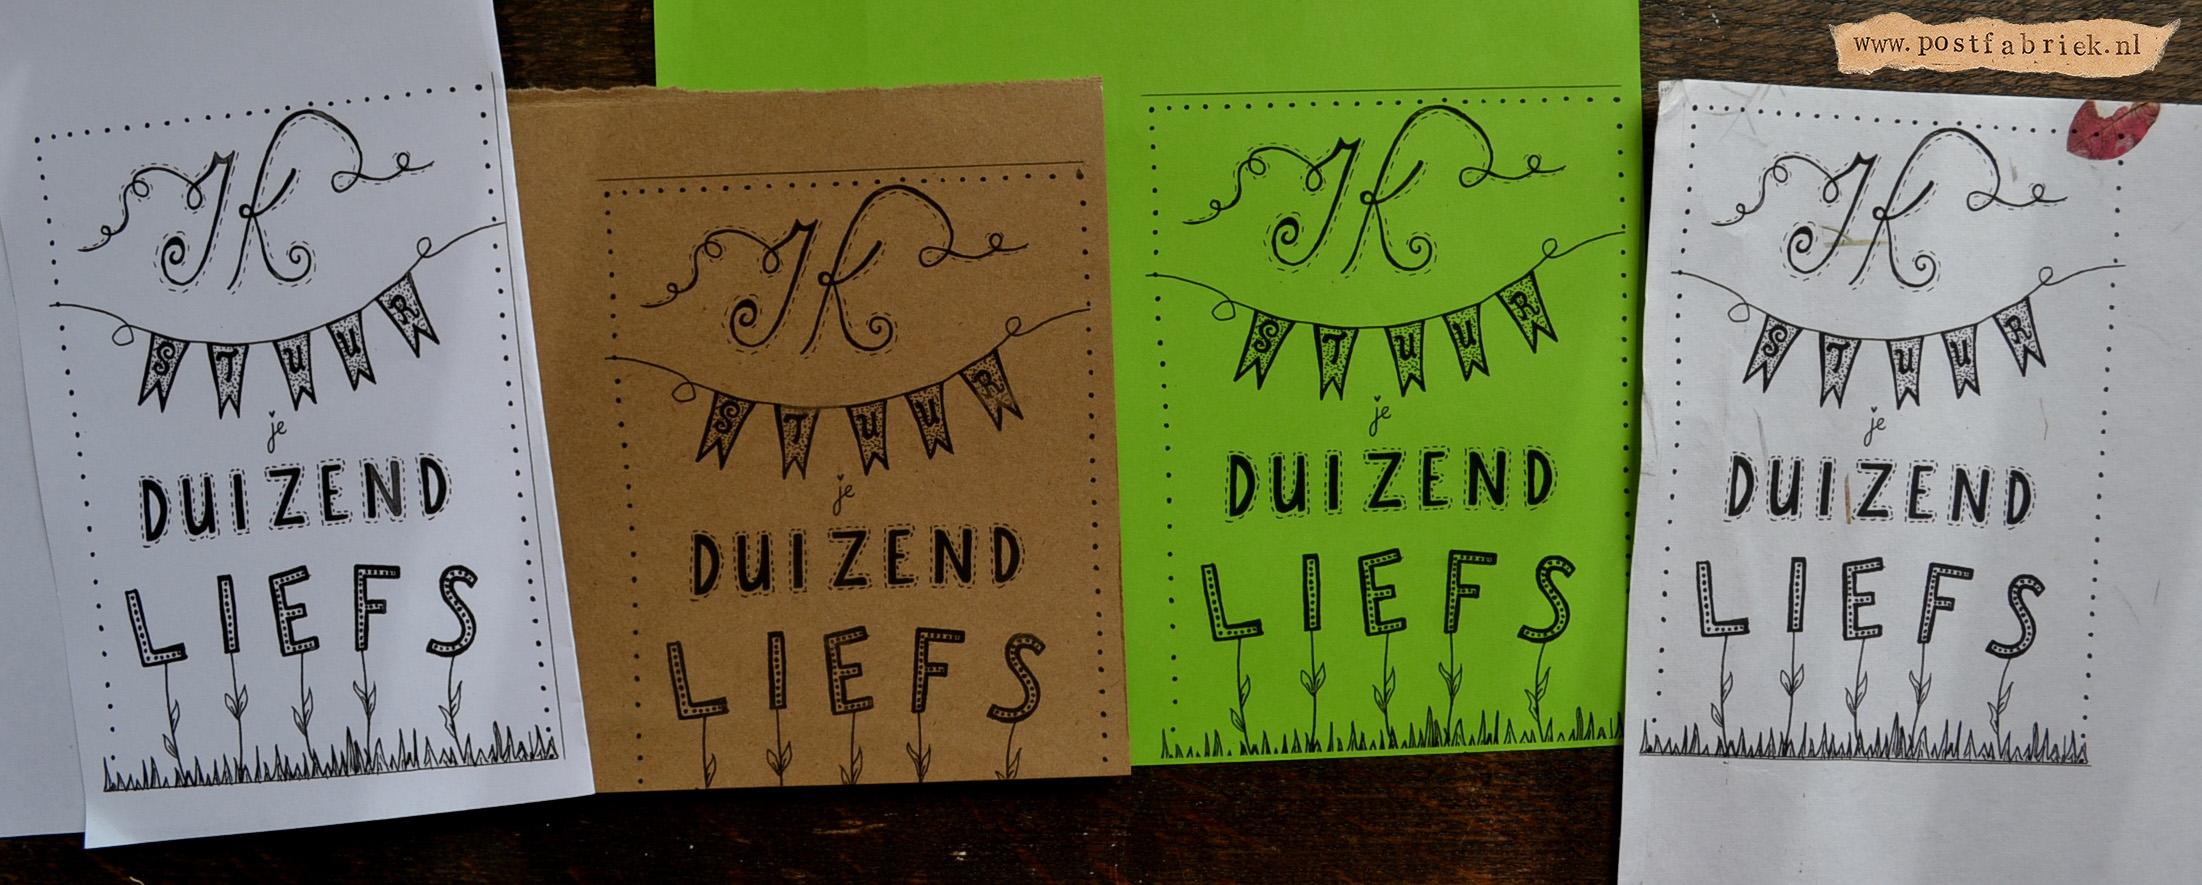 Kopieer het origineel op verschillende soorten papier om meerdere kaartjes te maken